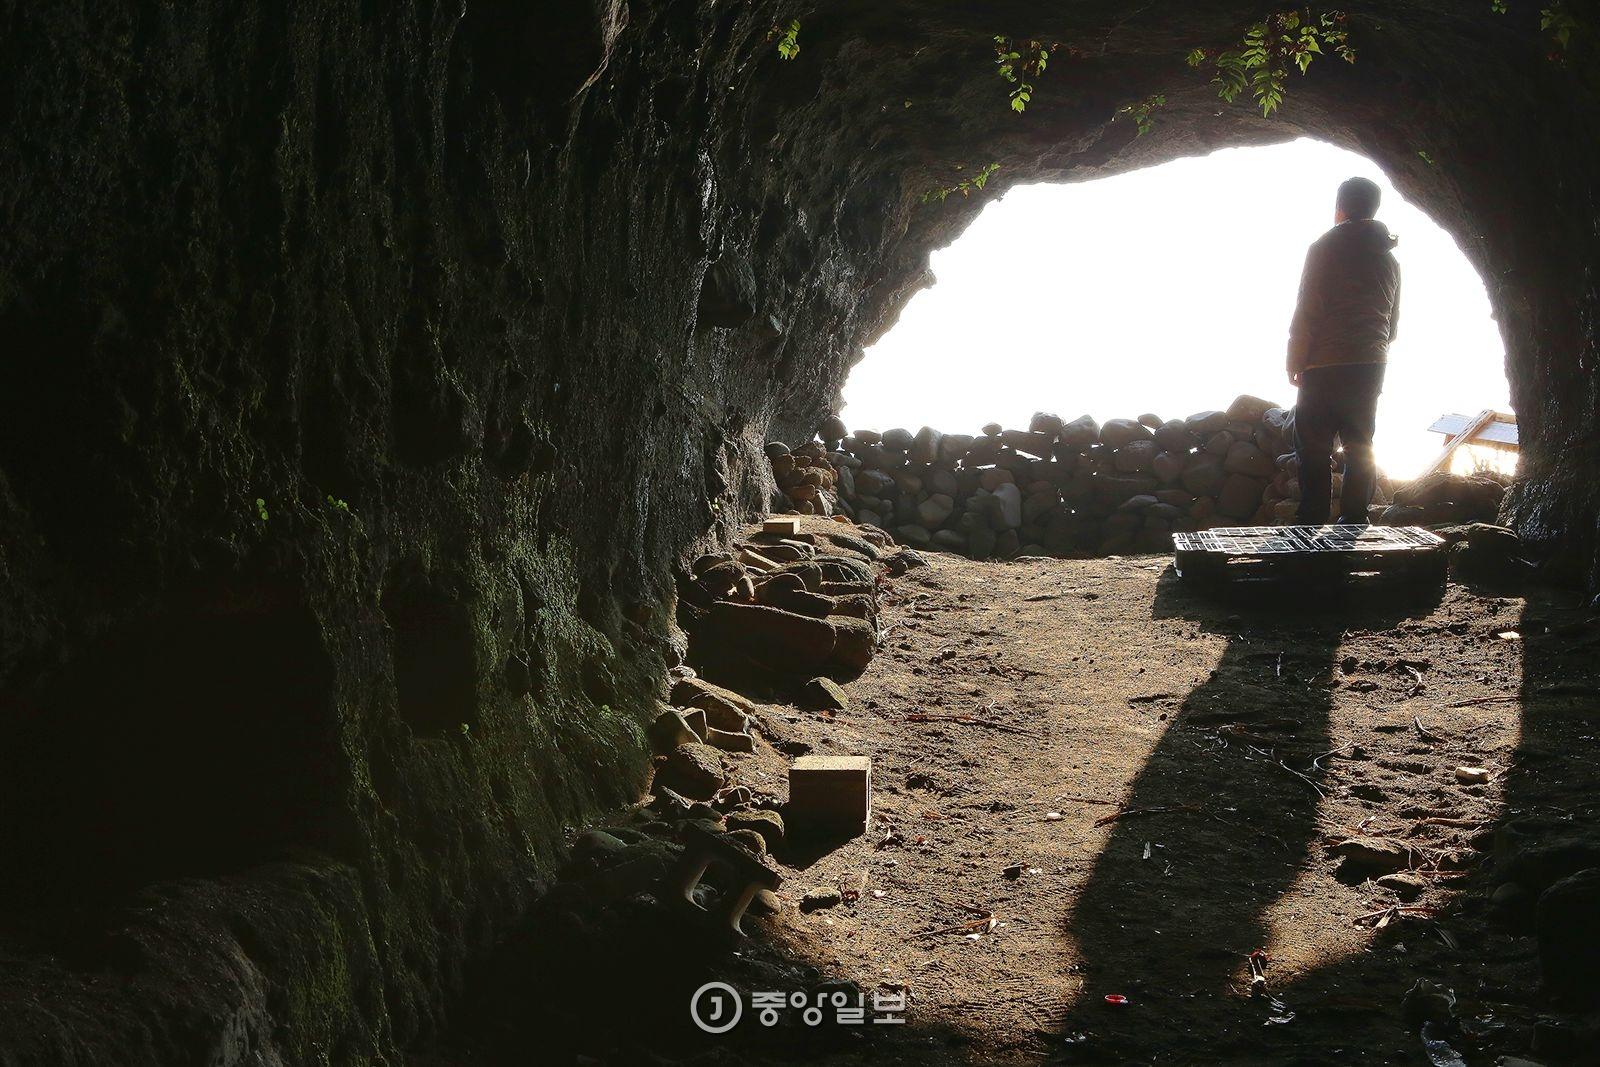 성산일출봉 서쪽 해안의 진지동굴. 성산일출봉에서만 진지동굴 18개가 발견됐다.